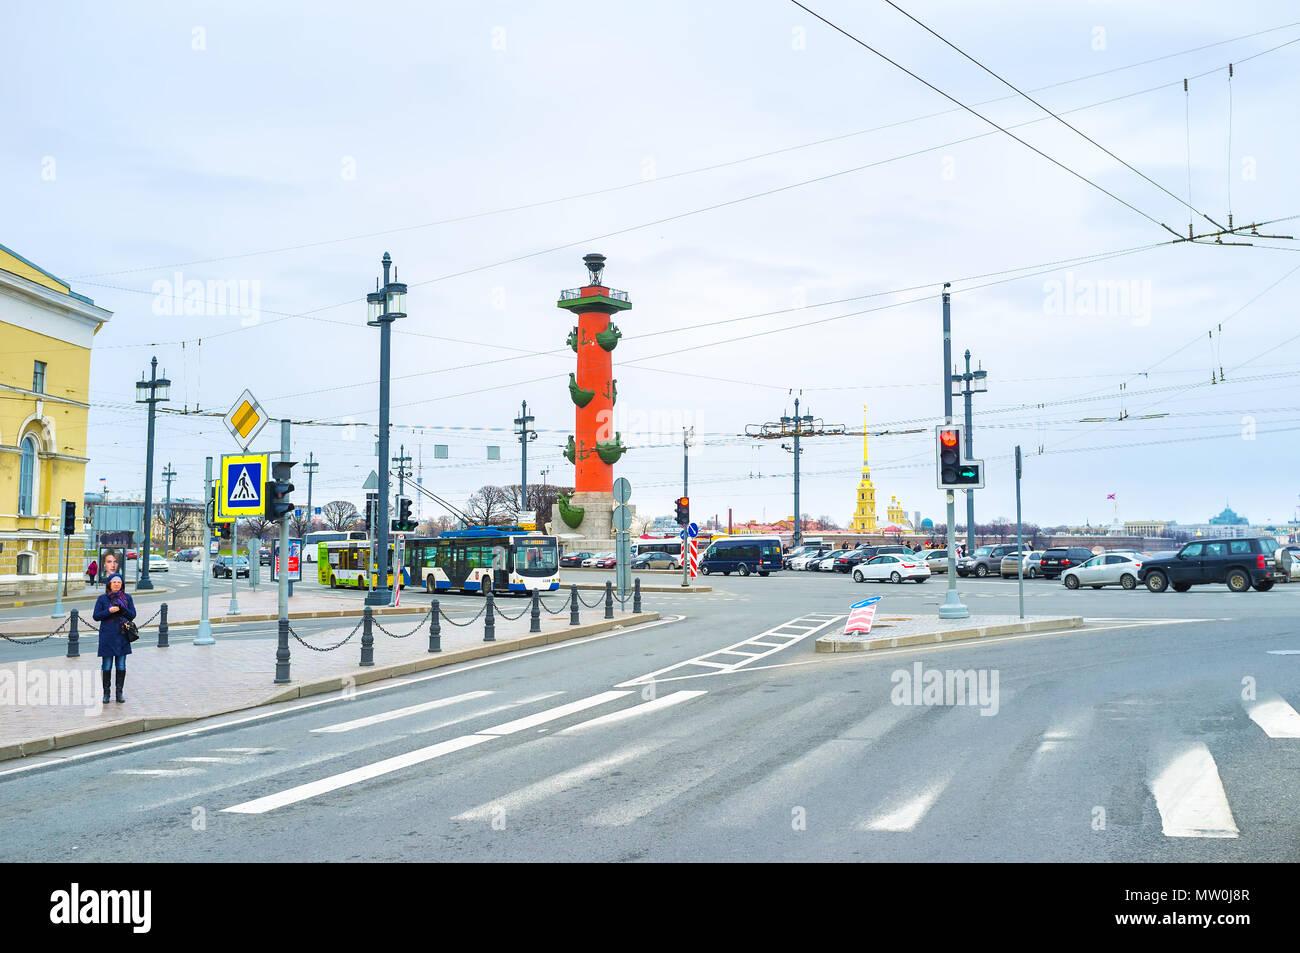 Sankt Petersburg, Russland - 26 April 2015: Die städtische Szene der Querstrasse auf der Insel Vasilyevsky, die am 26. April in St. Petersburg Stockfoto